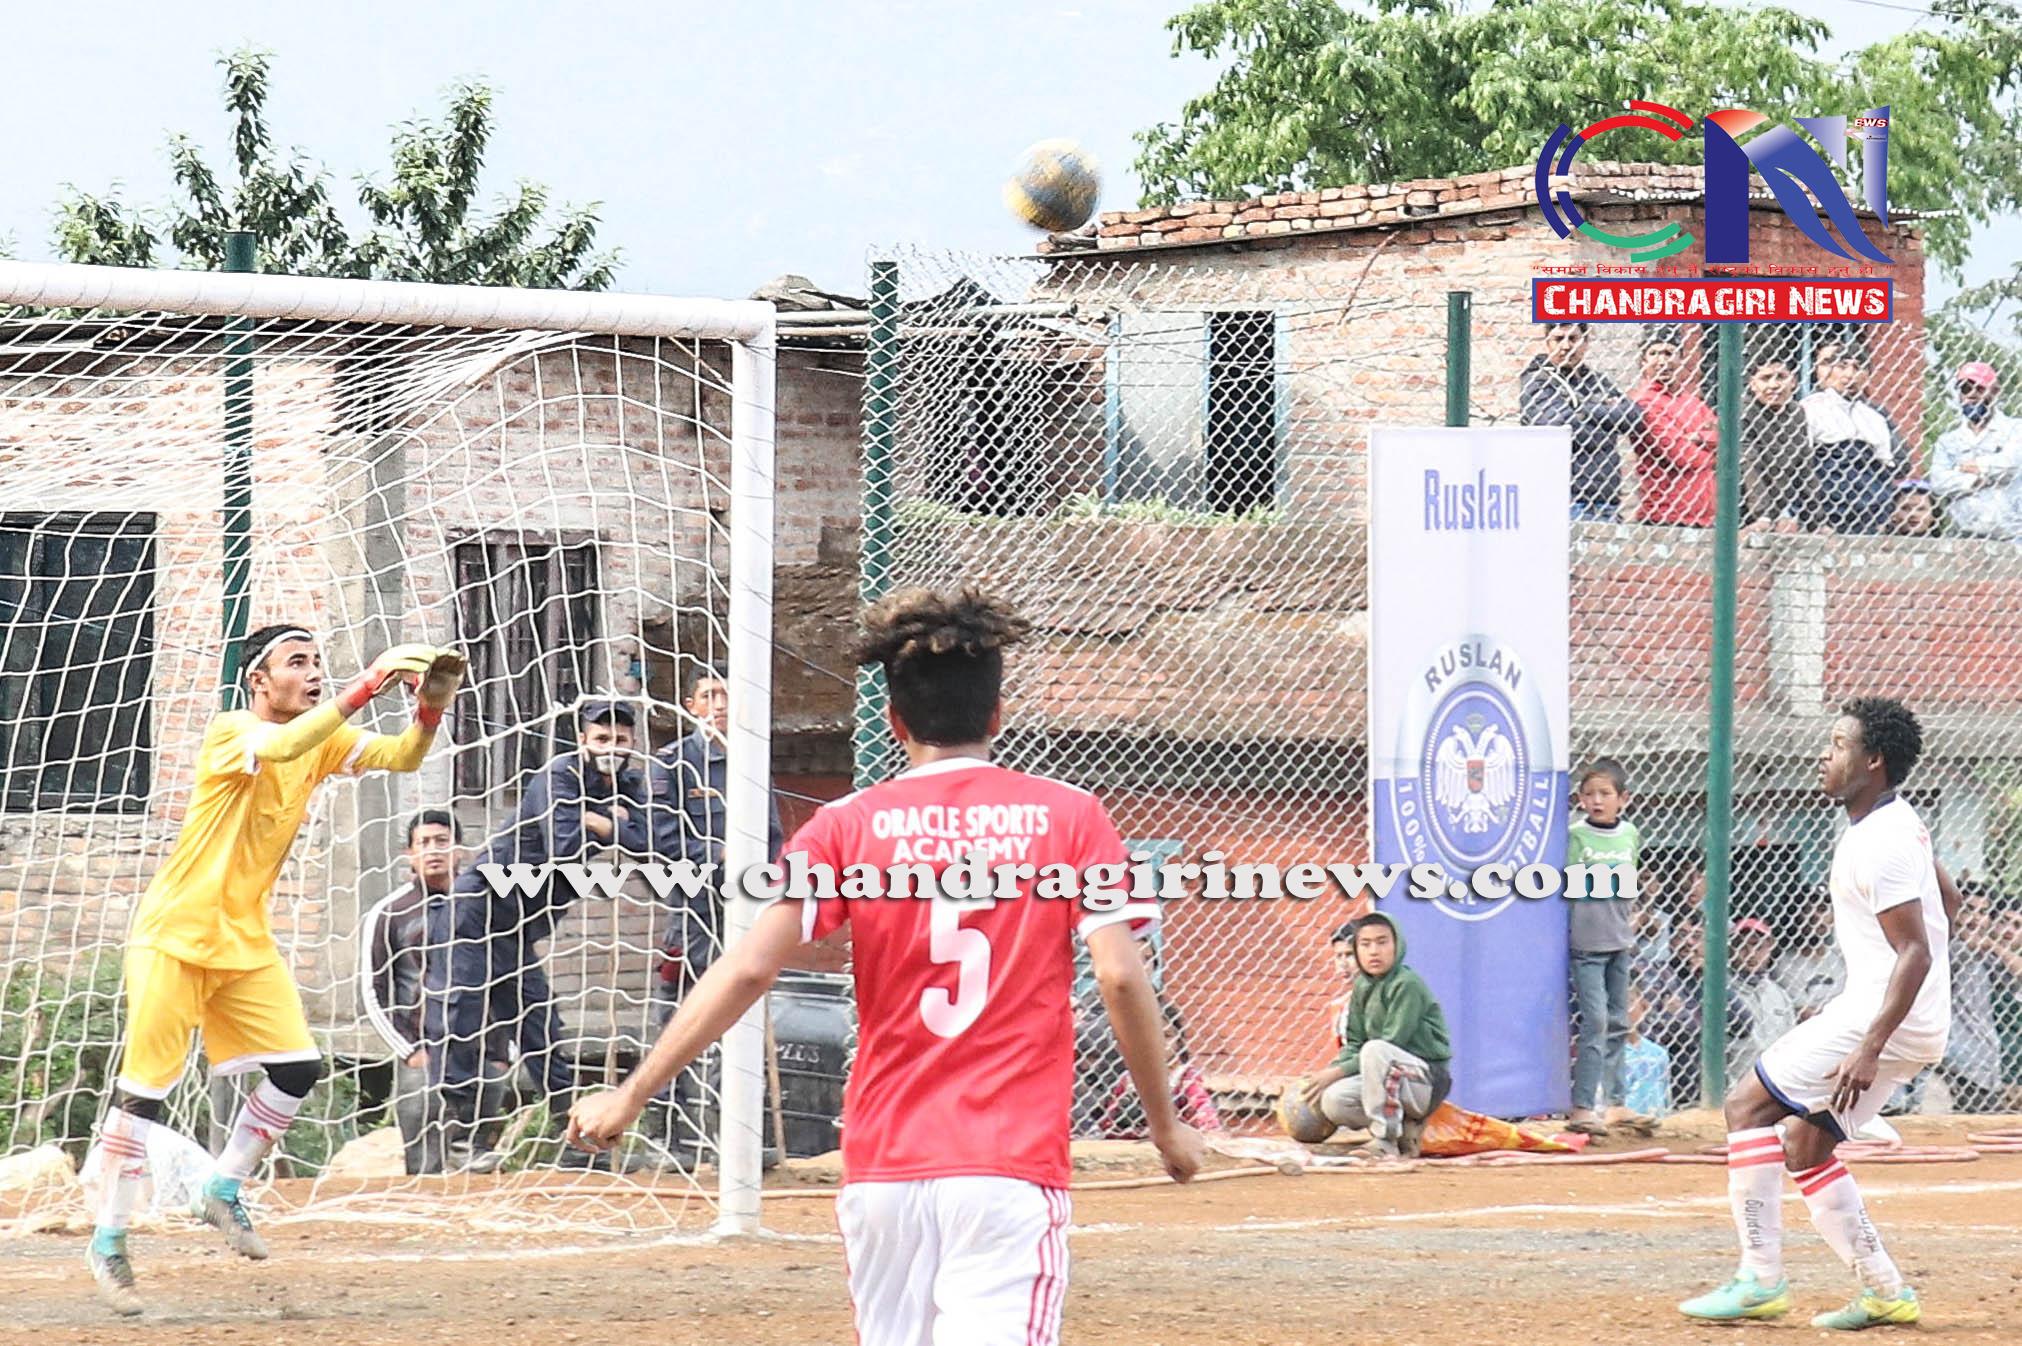 Chandragirinews western-united-3rd-game-7 चाैठाै नेपाललय वईस्टन युनाईटेड क्लवकप फुटबल प्रतियाेगितामा ब्लु बेल फुटबल क्लब र वराकल रे स्पोर्ट्स एकेडेमीको विजयी सुरुवात खेलकुद नगरपालिका ब्रेकिंग न्युज मातातिर्थ मुख्य राष्ट्रिय    chandragiri